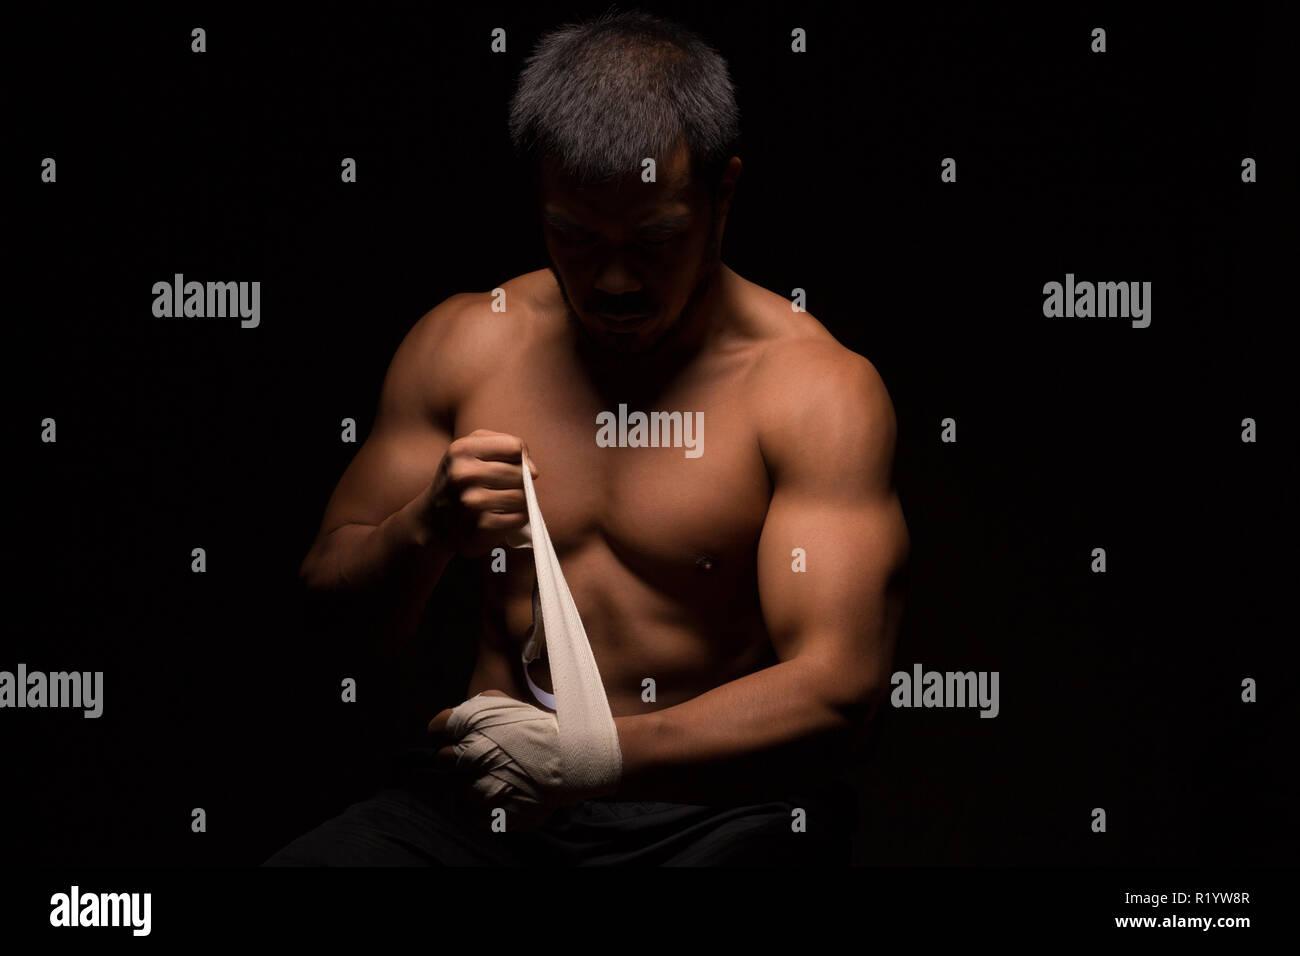 Asiatischer Mann mit muskulösen Oberkörper ist die Vorbereitung für den Kampf Stockbild